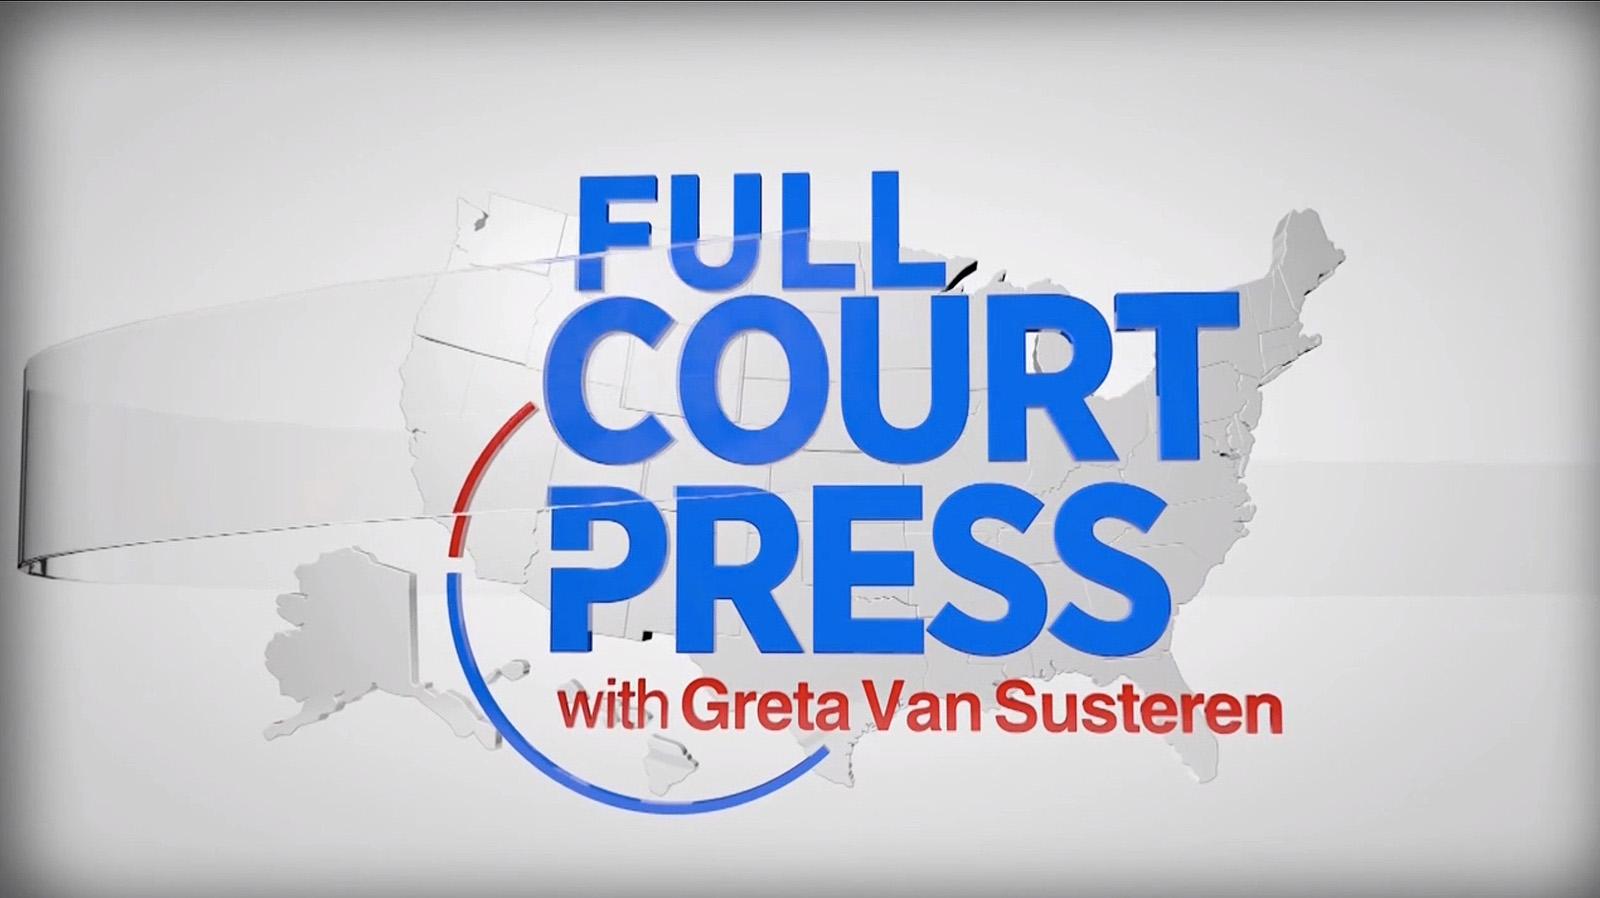 NCS_Full-Court-Press_Greta-Van-Susteren_013